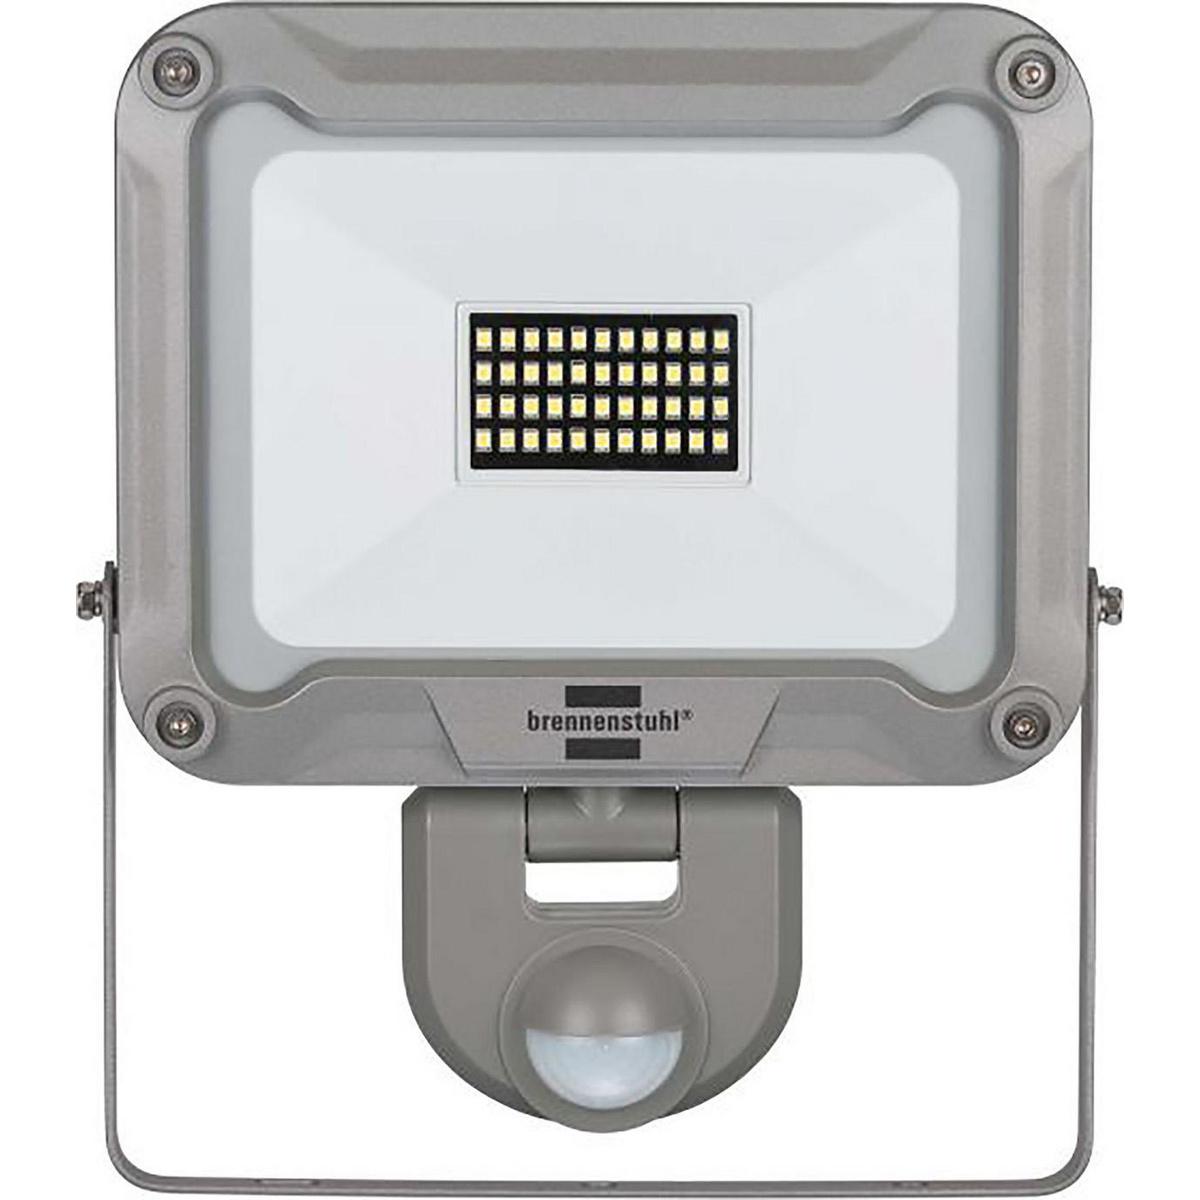 Projecteur LED mince L DN 5630 FL PIR IP 54. Pour un montage extérieur et intérieur, projecteur LED IP 54 avec 56 LED SMS ultra-lumineuses Idéal pour l'éclairage automatique des entrées, des allées ou des abris d'auto, ainsi que pour la dissuasion contre